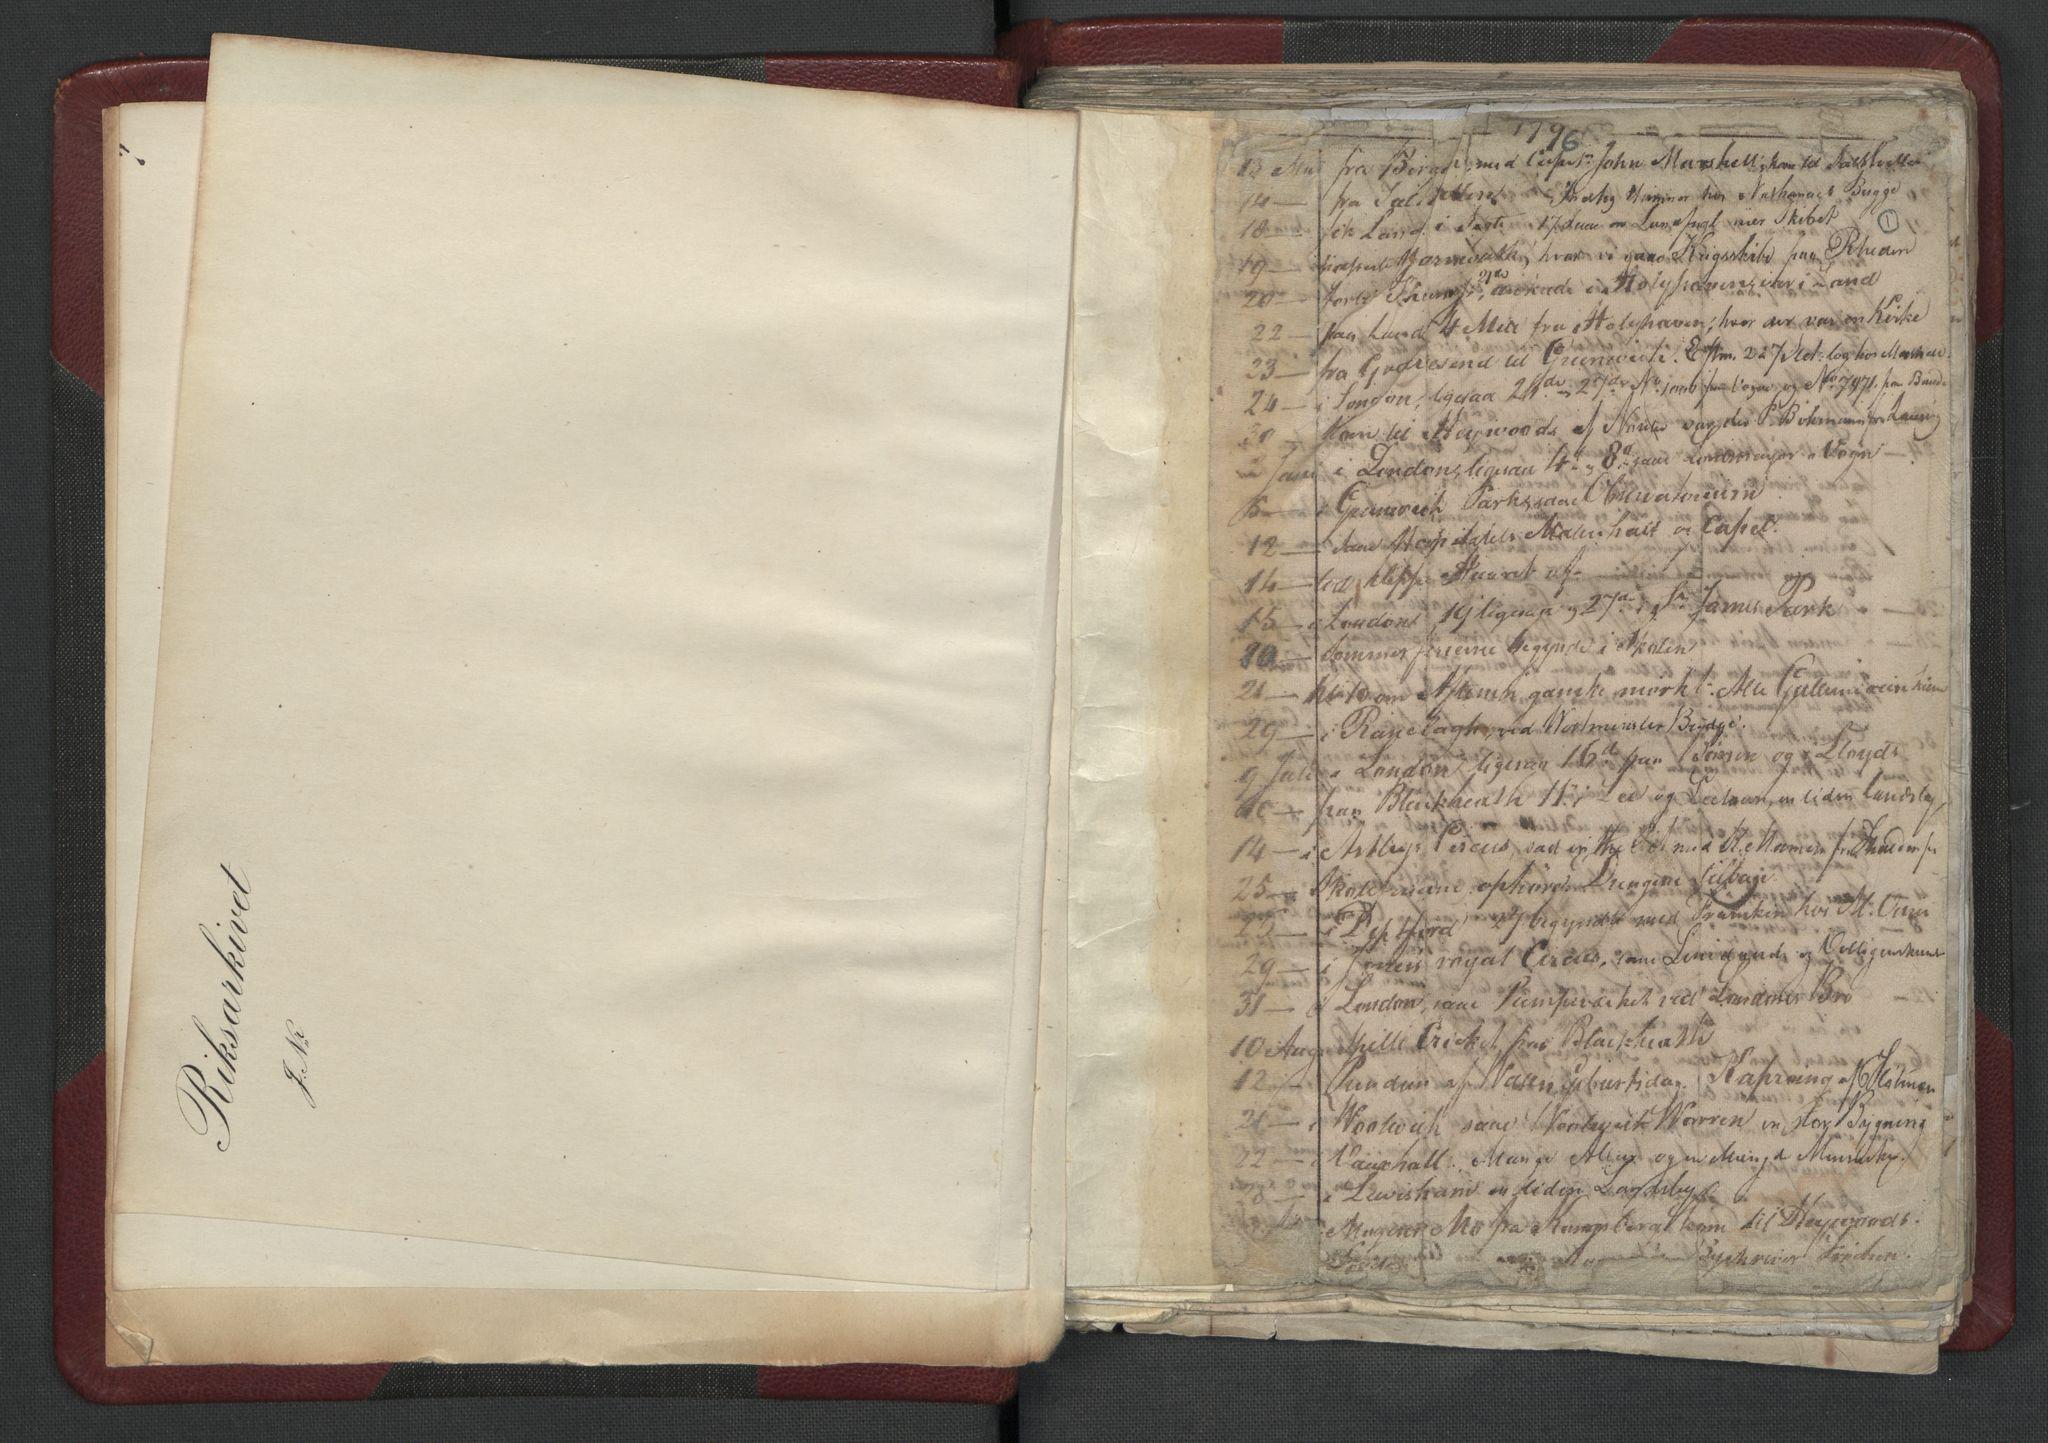 RA, Meltzer, Fredrik, F/L0001: Dagbok for årene 1796-1808, 1811, 1817, 1796-1817, s. 1a